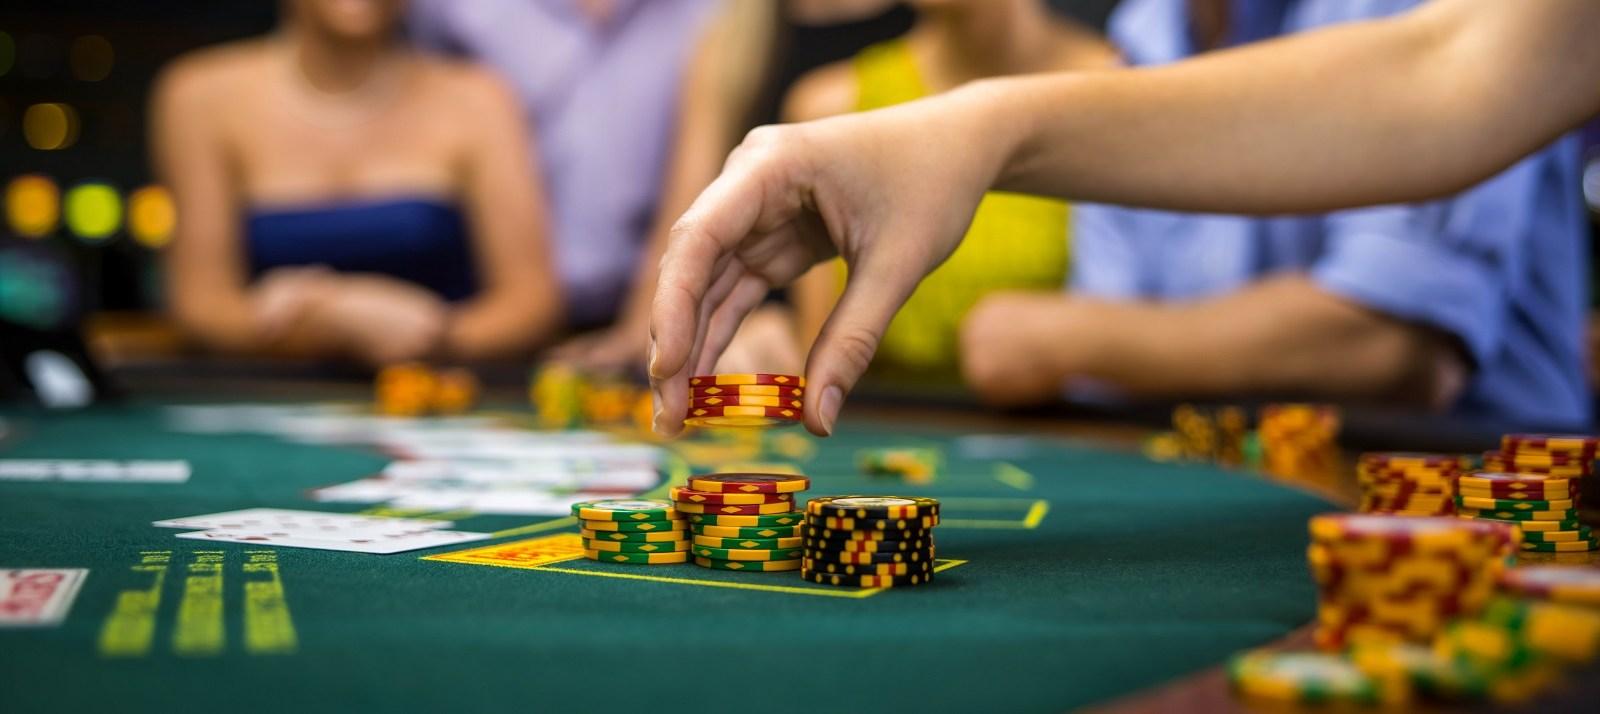 Jeux casino: roulette ou craps?